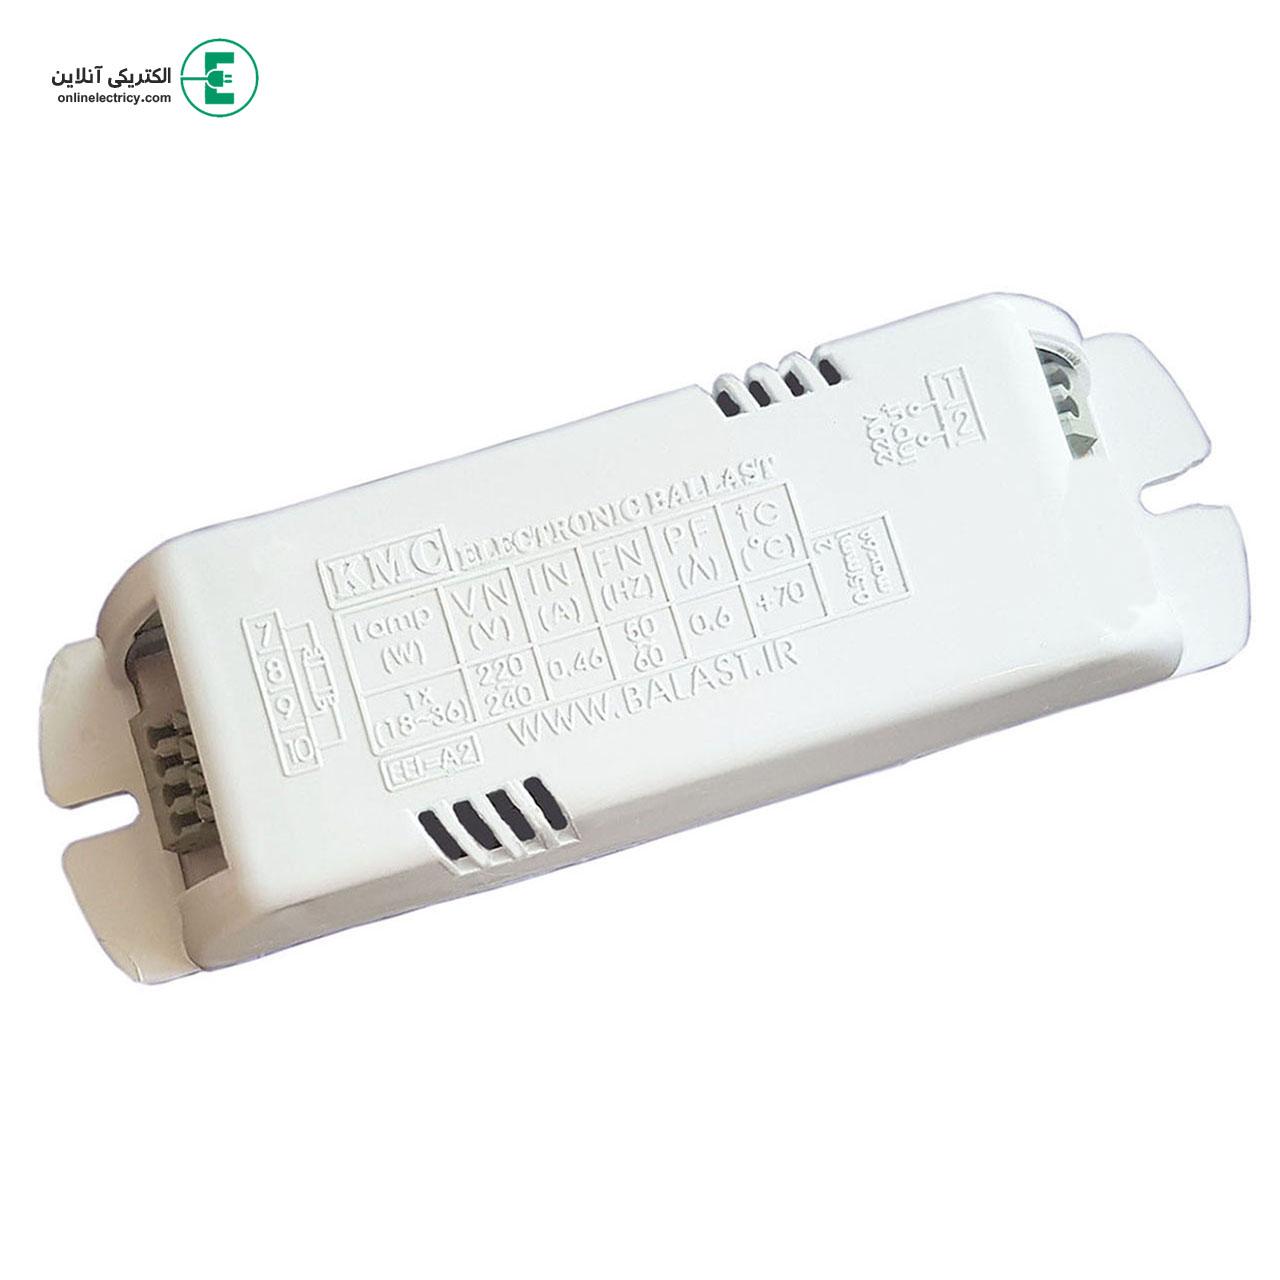 ترانس الکترونیک